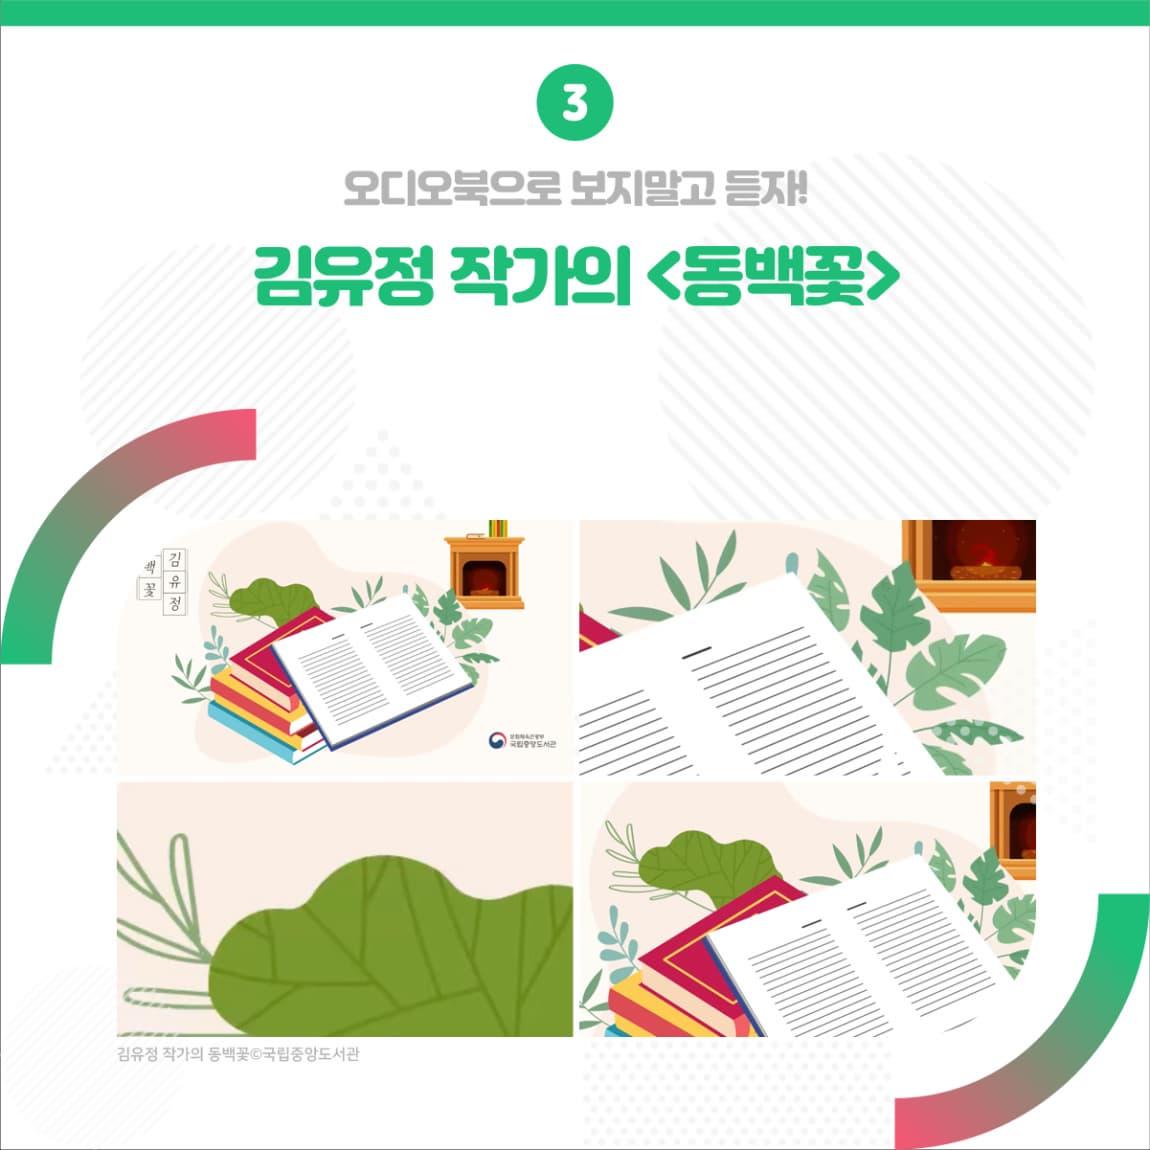 03. 오디오북으로 보지 말고 듣자 <김유정 작가의 '동백꽃'>